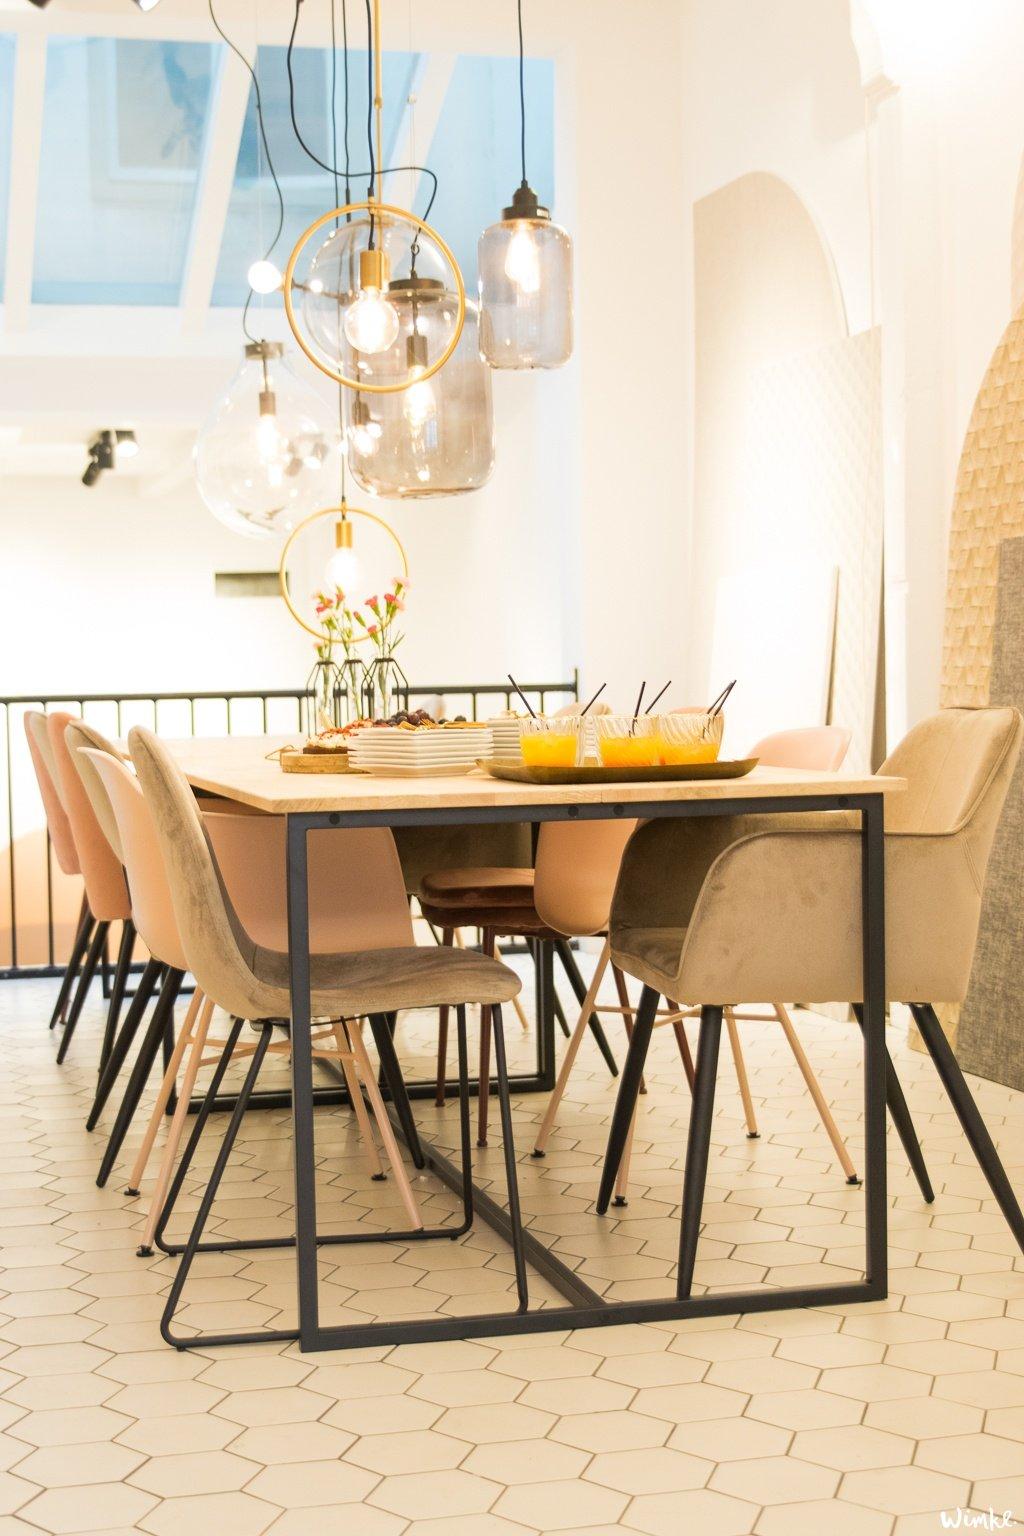 Kom van 13 oktober tot 29 november langs in de Pop-upstore: Het KARWEI-huis aan de Runstraat 25 in Amsterdam wimke.nl